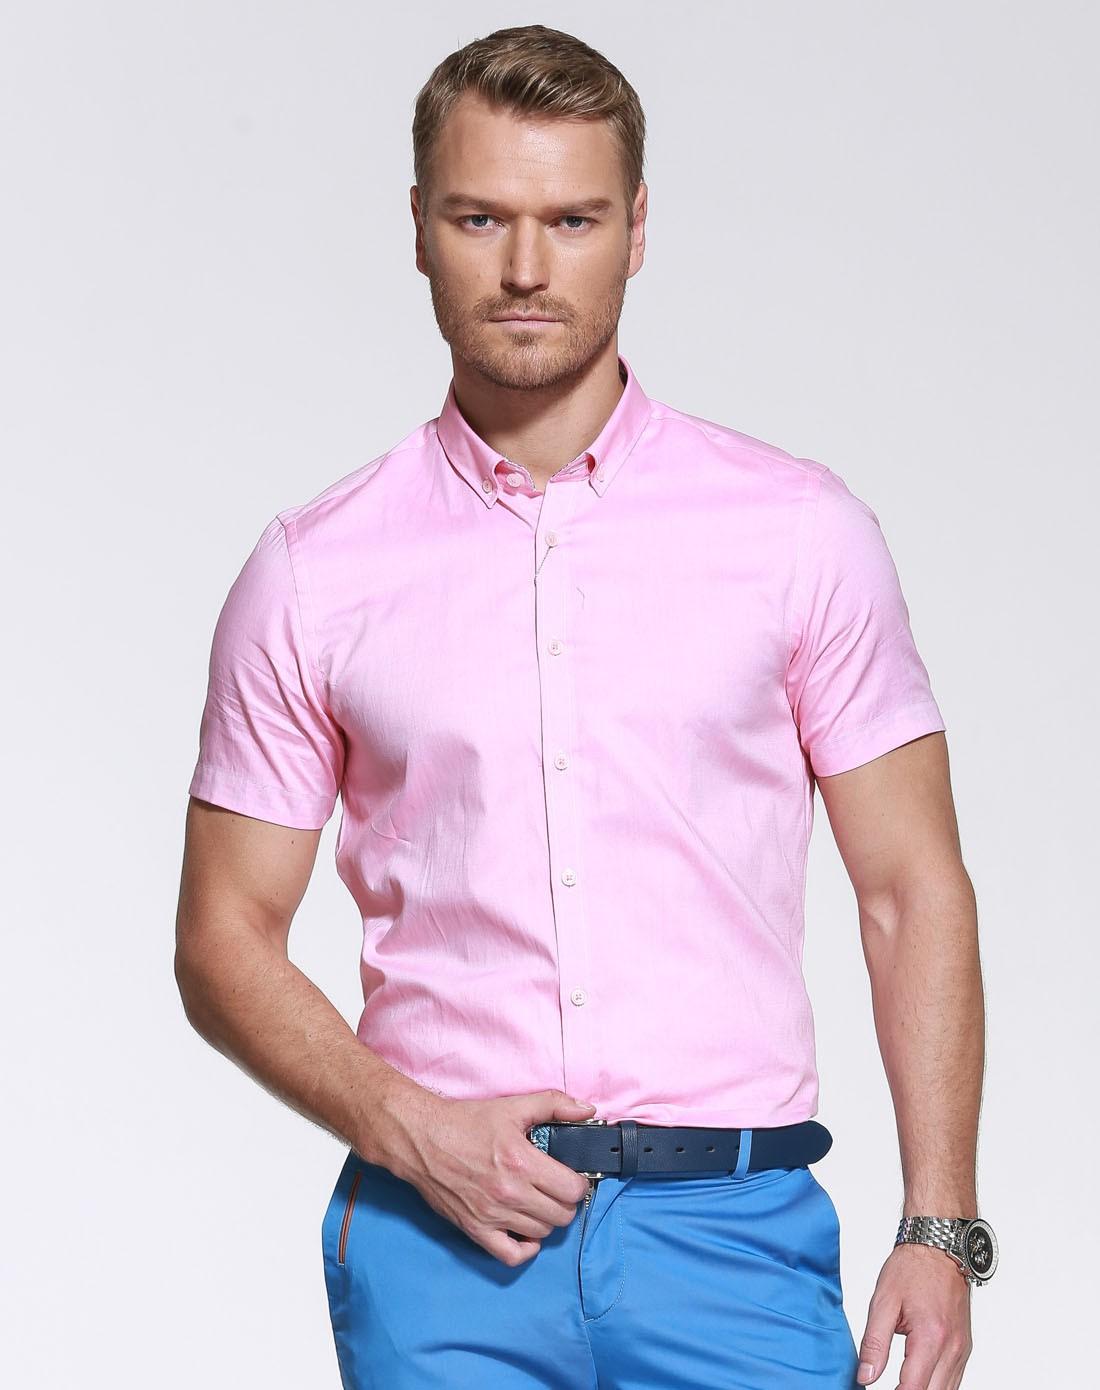 粉红色纽扣领干练休闲短袖衬衫